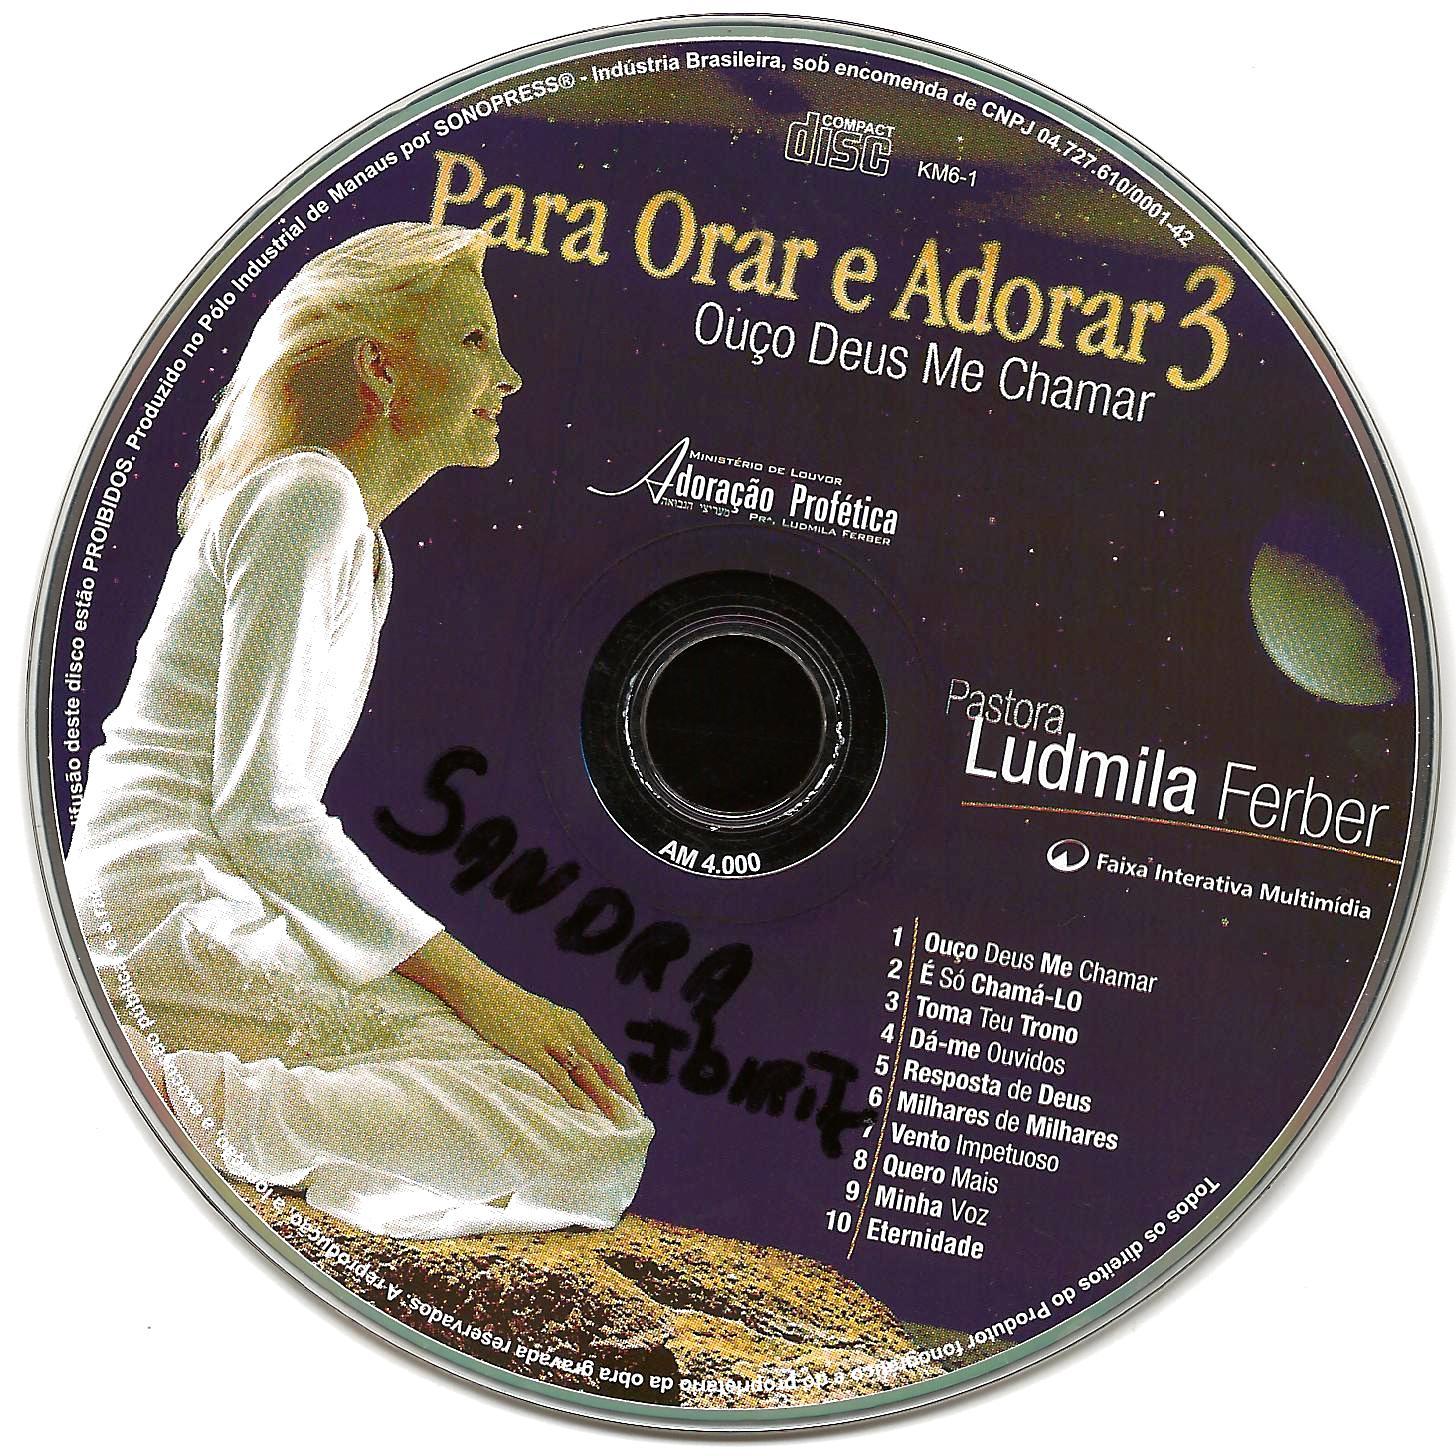 PLAYBACK 3 ADORAR BAIXAR ORAR LUDMILA PARA CD FERBER E